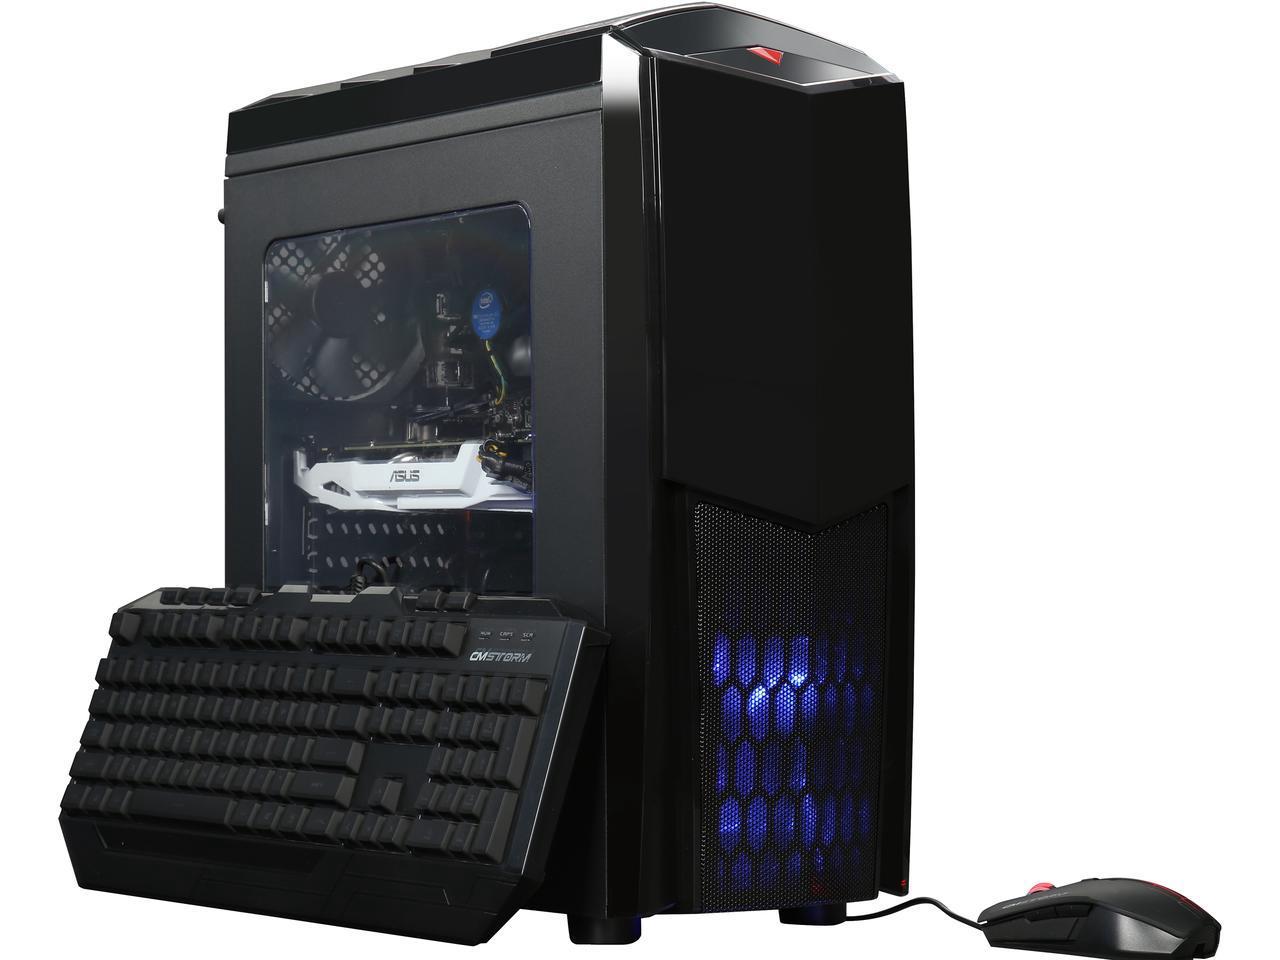 Gaming Desktop i7-7700/16Gb/240SSD/GTX 1070/1Tb HDD (open box) - $905 shipped